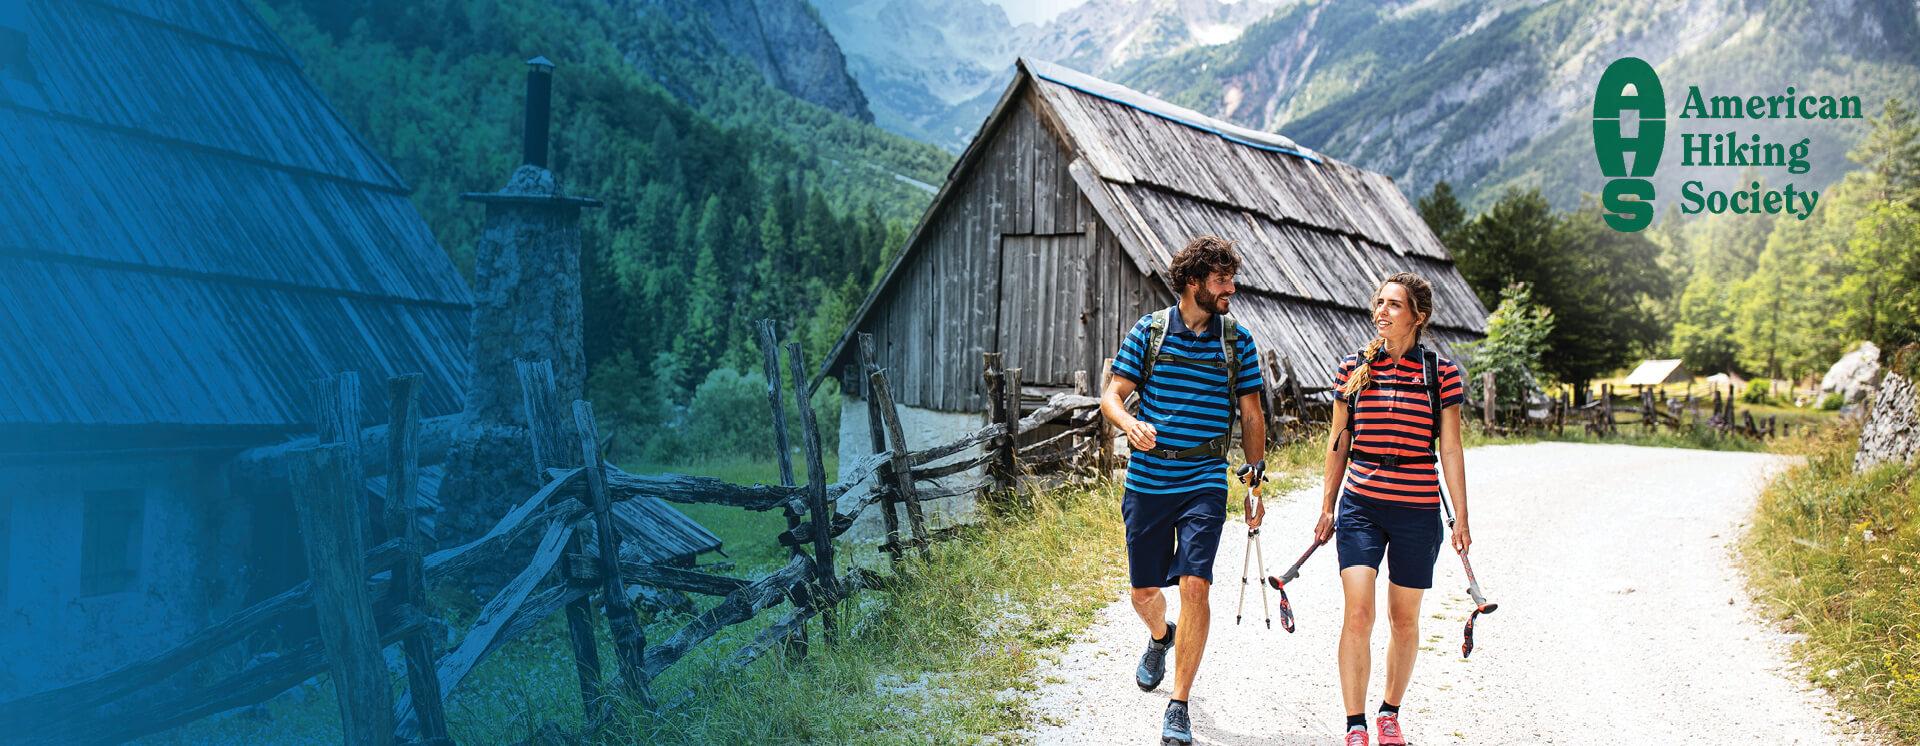 Men & Women hiking & trekking equipment